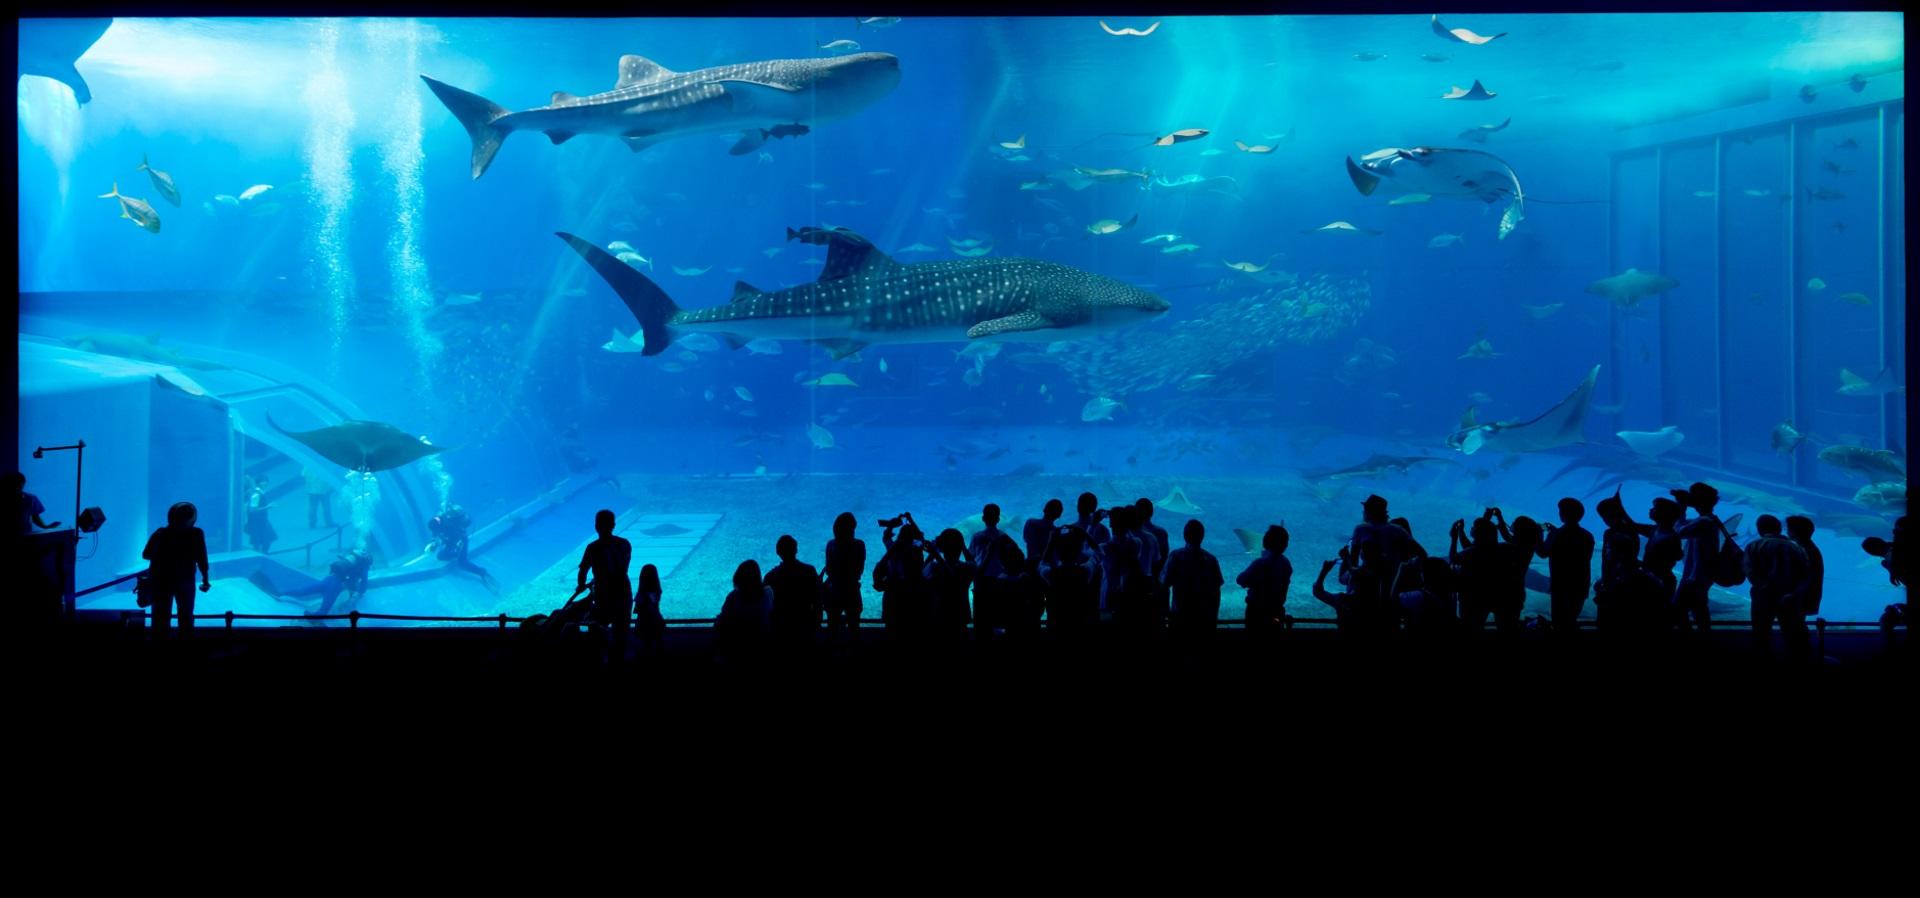 aquarium-725798_1920